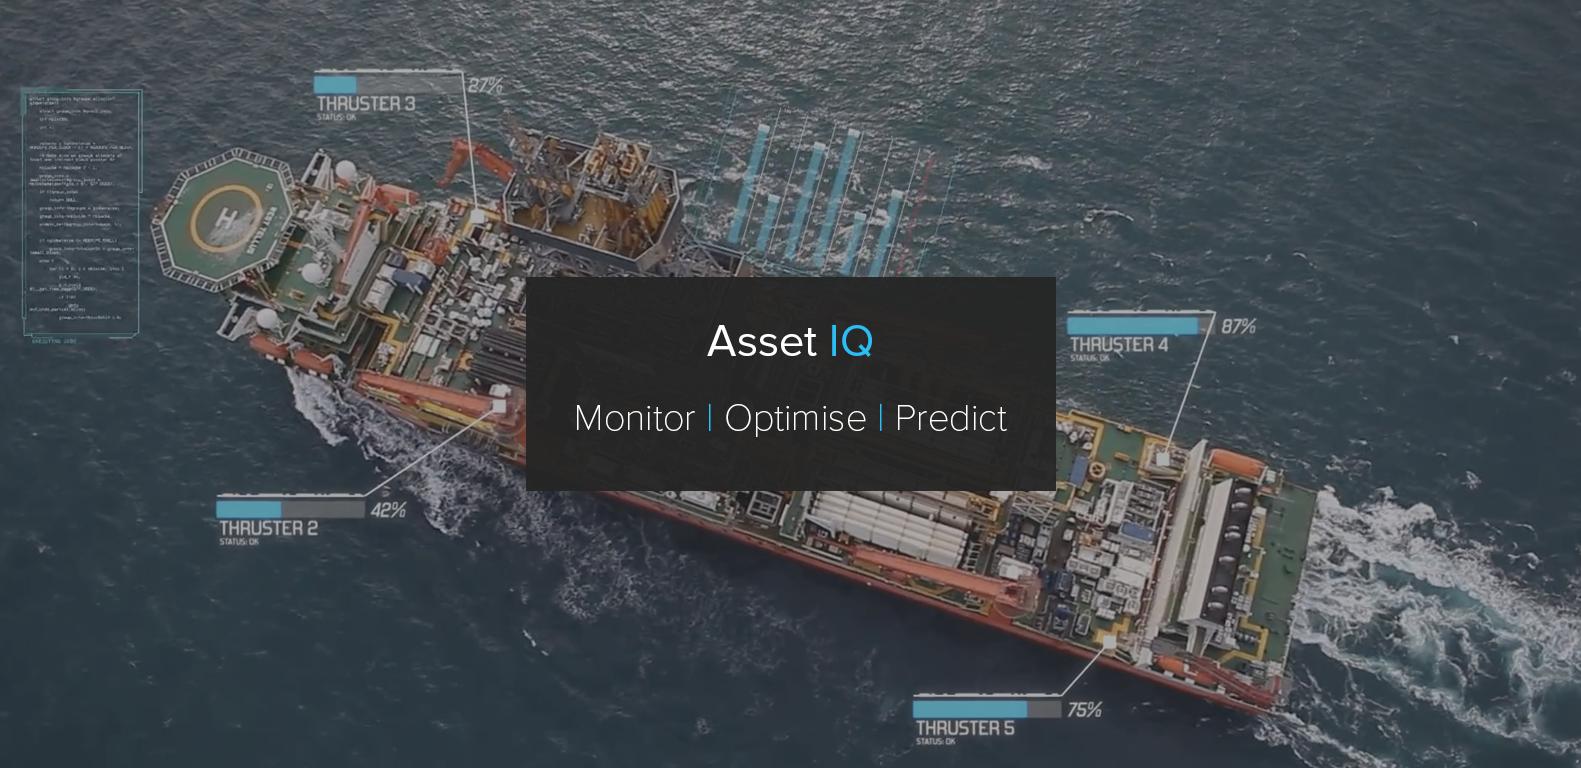 asset ship.png